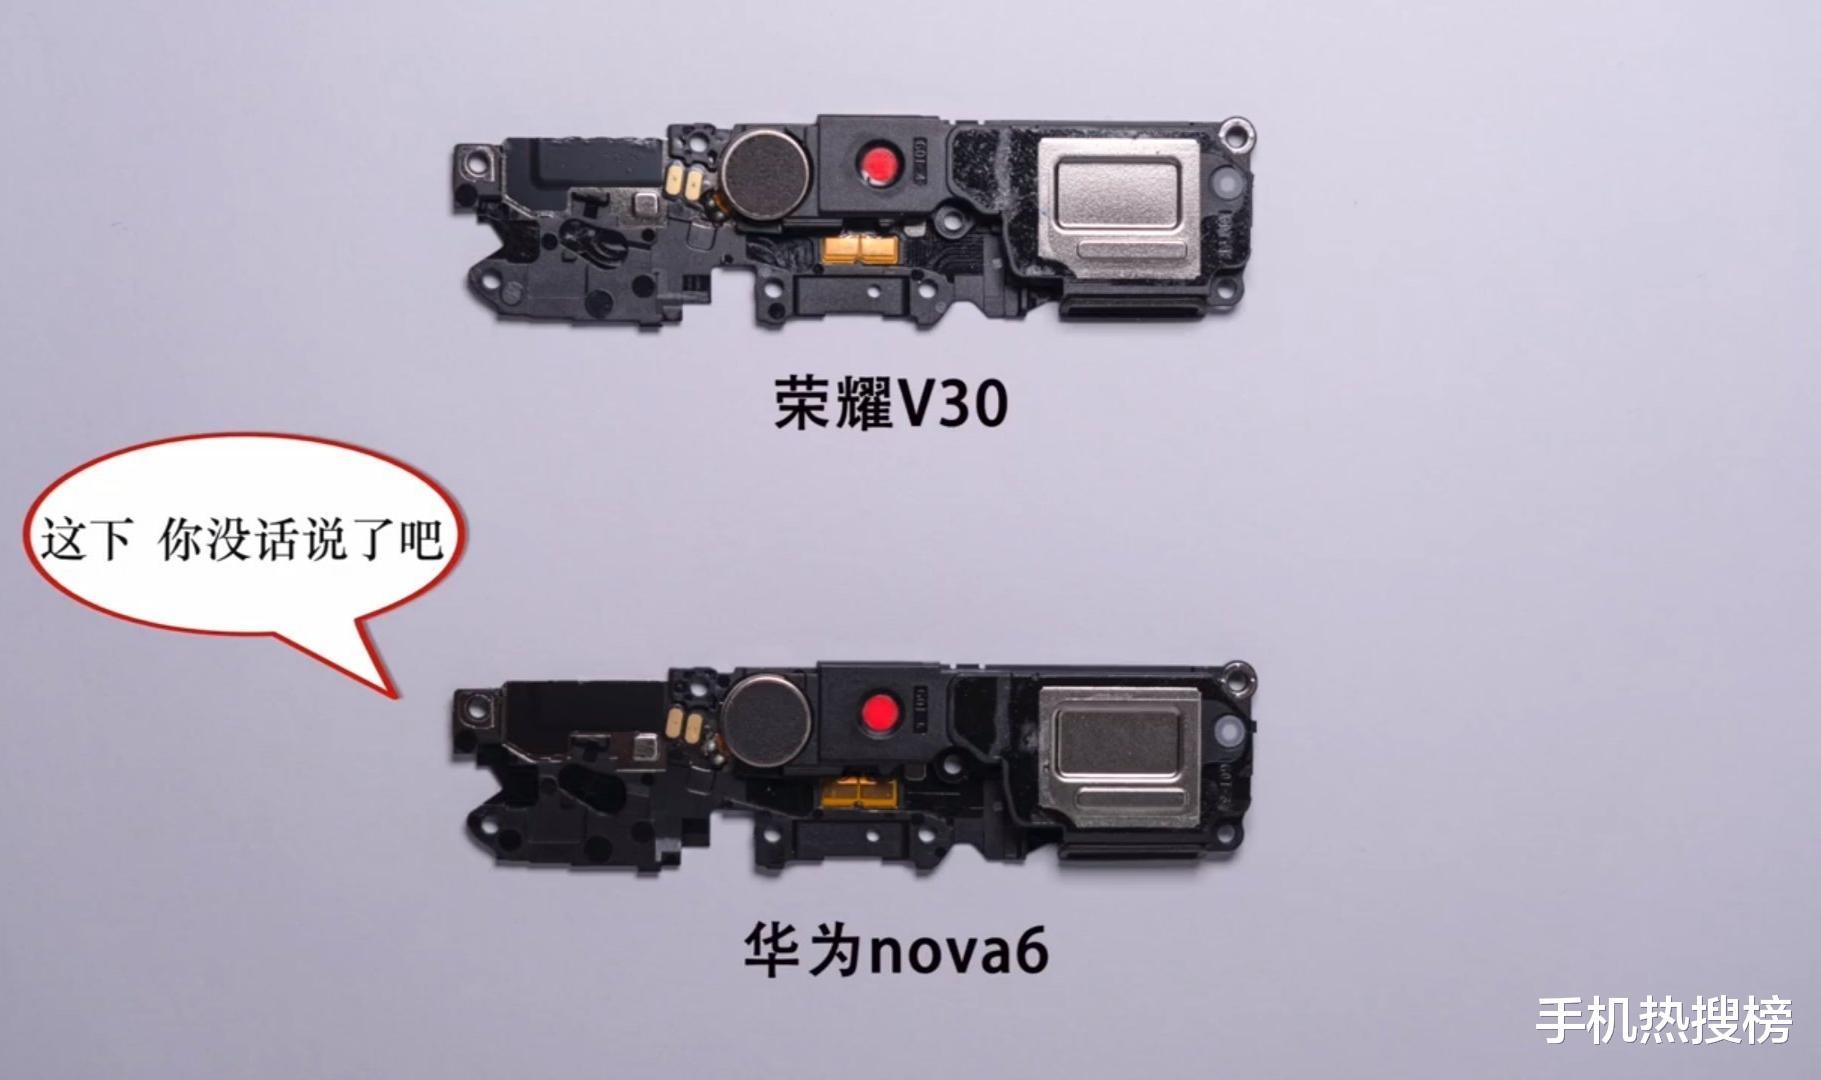 """Nova6和V30被拆机,坐实""""套娃""""换壳机,卢伟冰嘲讽:省成本"""